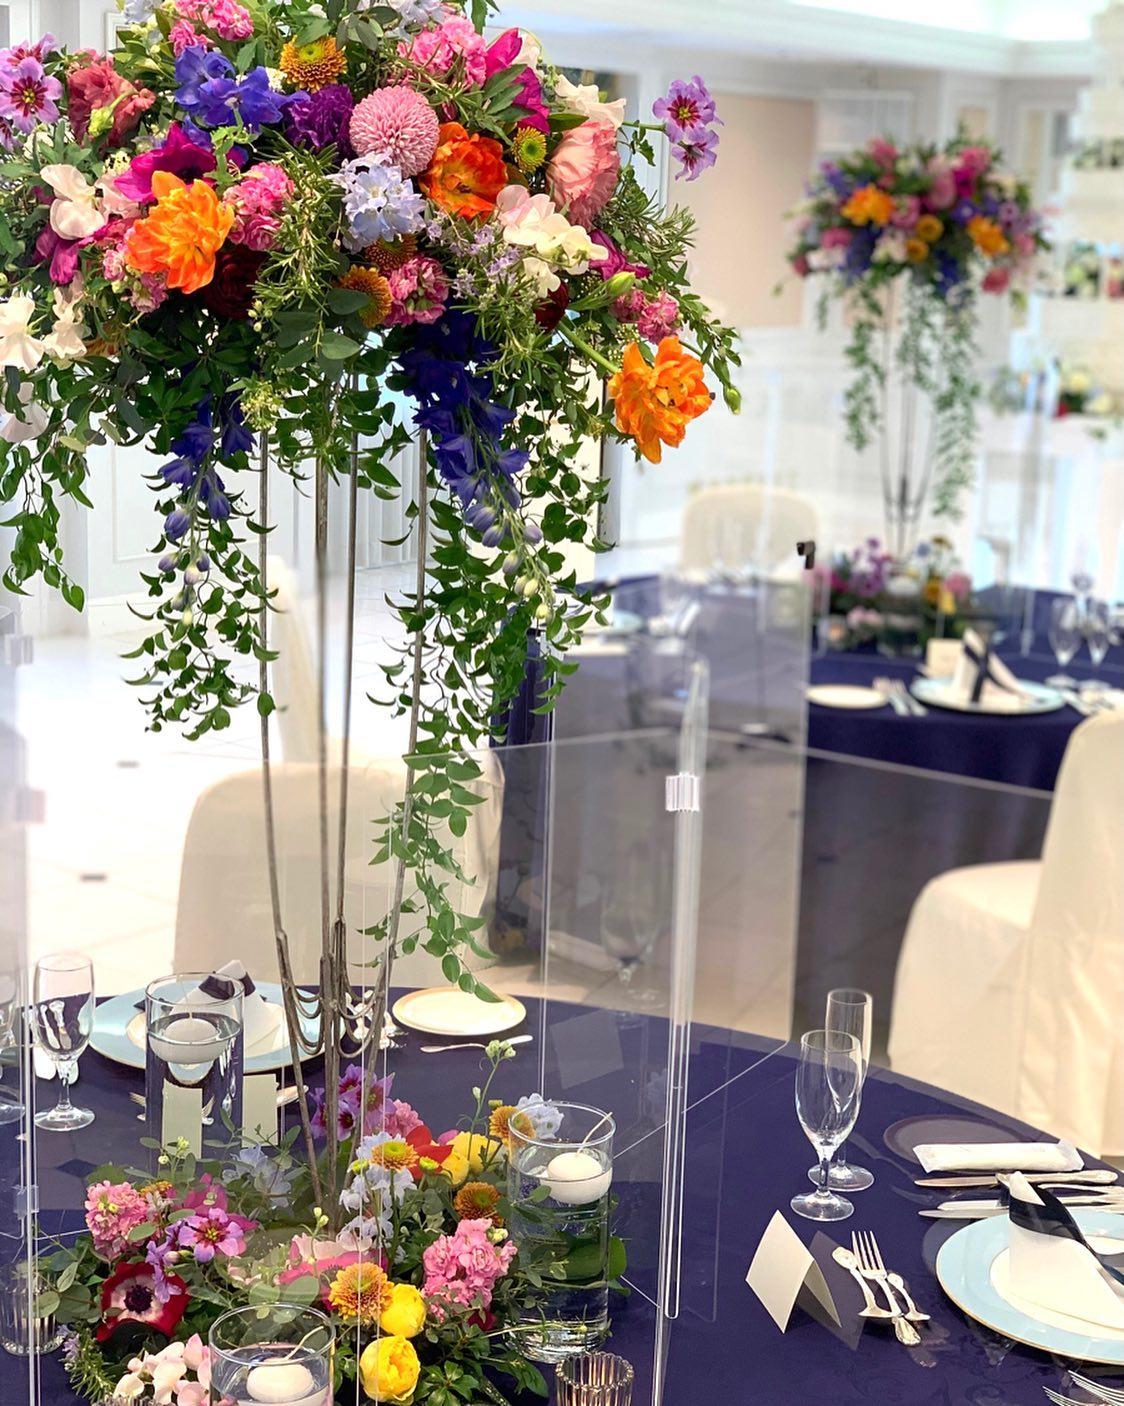 安心安全、パーテーションを使用したフラワーコーディネートで新しいスタイルの会場装花をご提案させて頂きます#岐阜グランドホテルウェディング #ニューノーマルウェディング #ヒカリカ